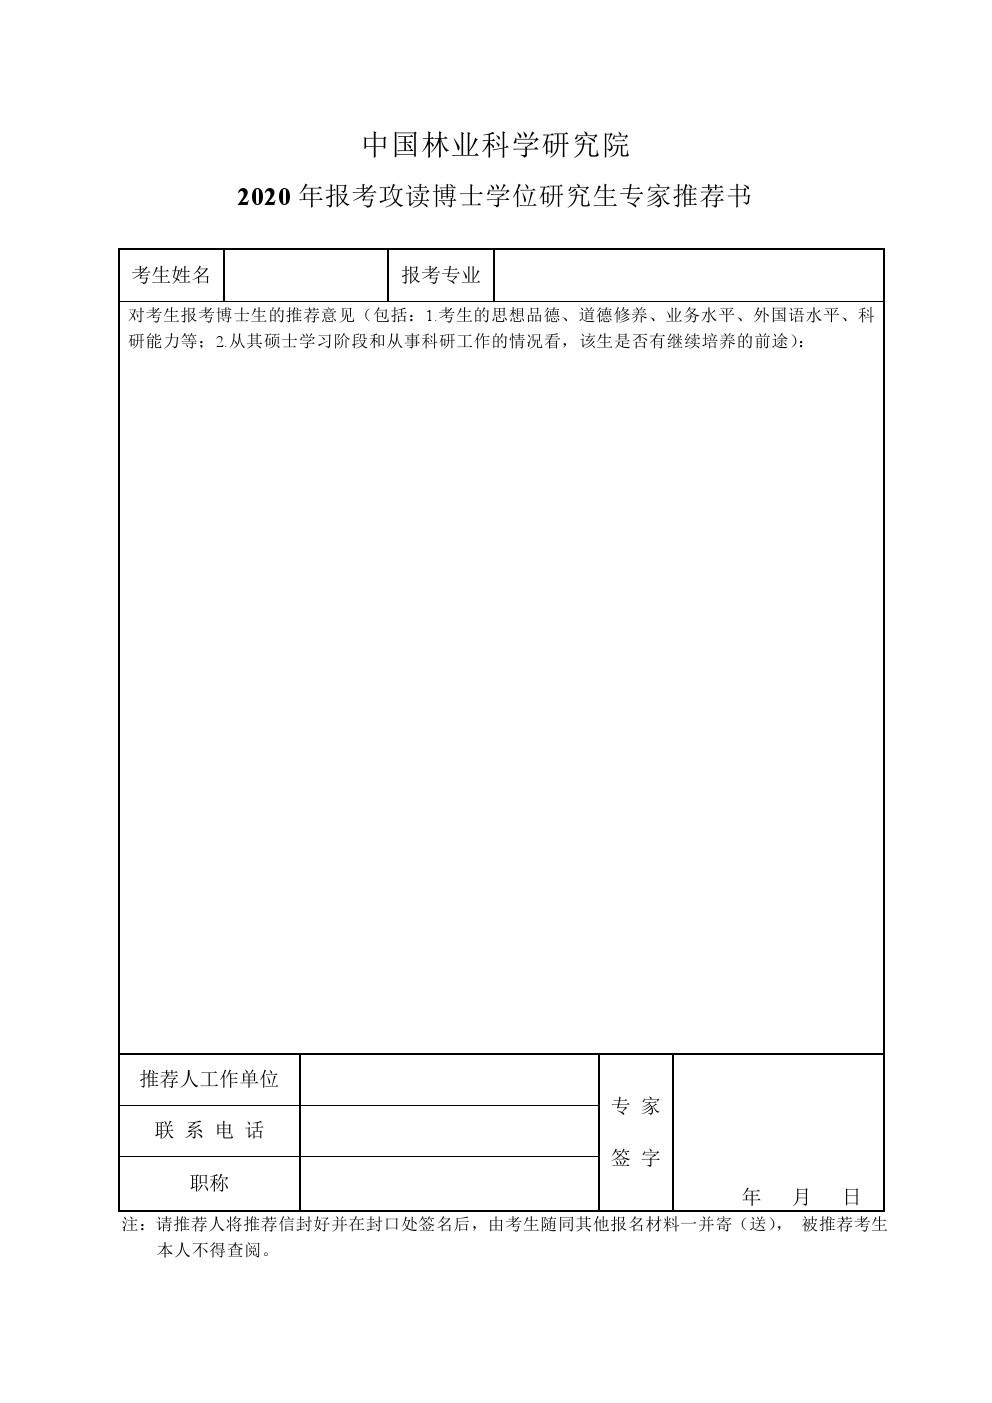 中国林业科学研究院2020年博士研究生专家推荐书